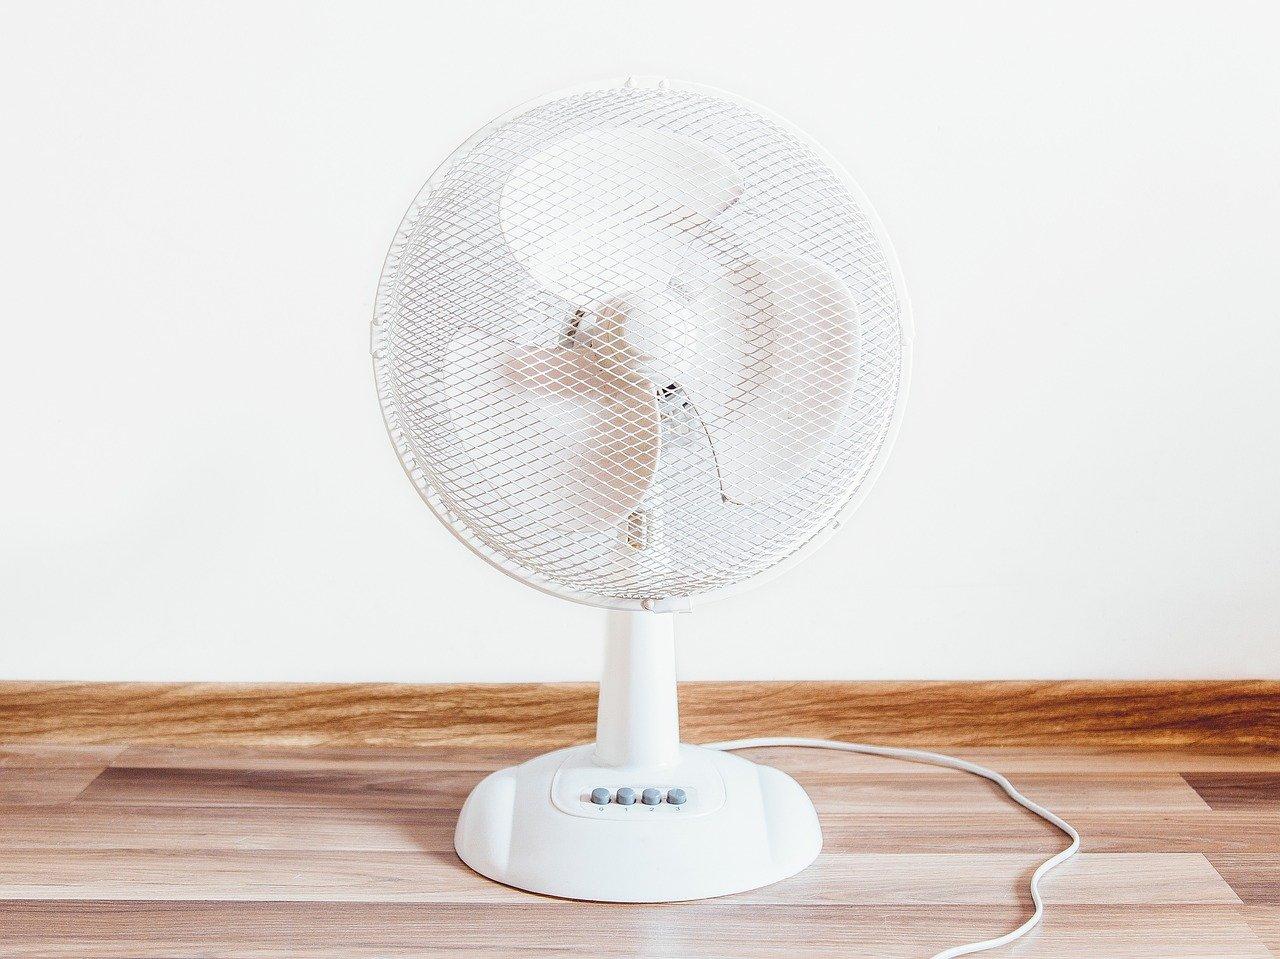 クーラー並みに涼しい扇風機や冷風機などおすすめ5選!